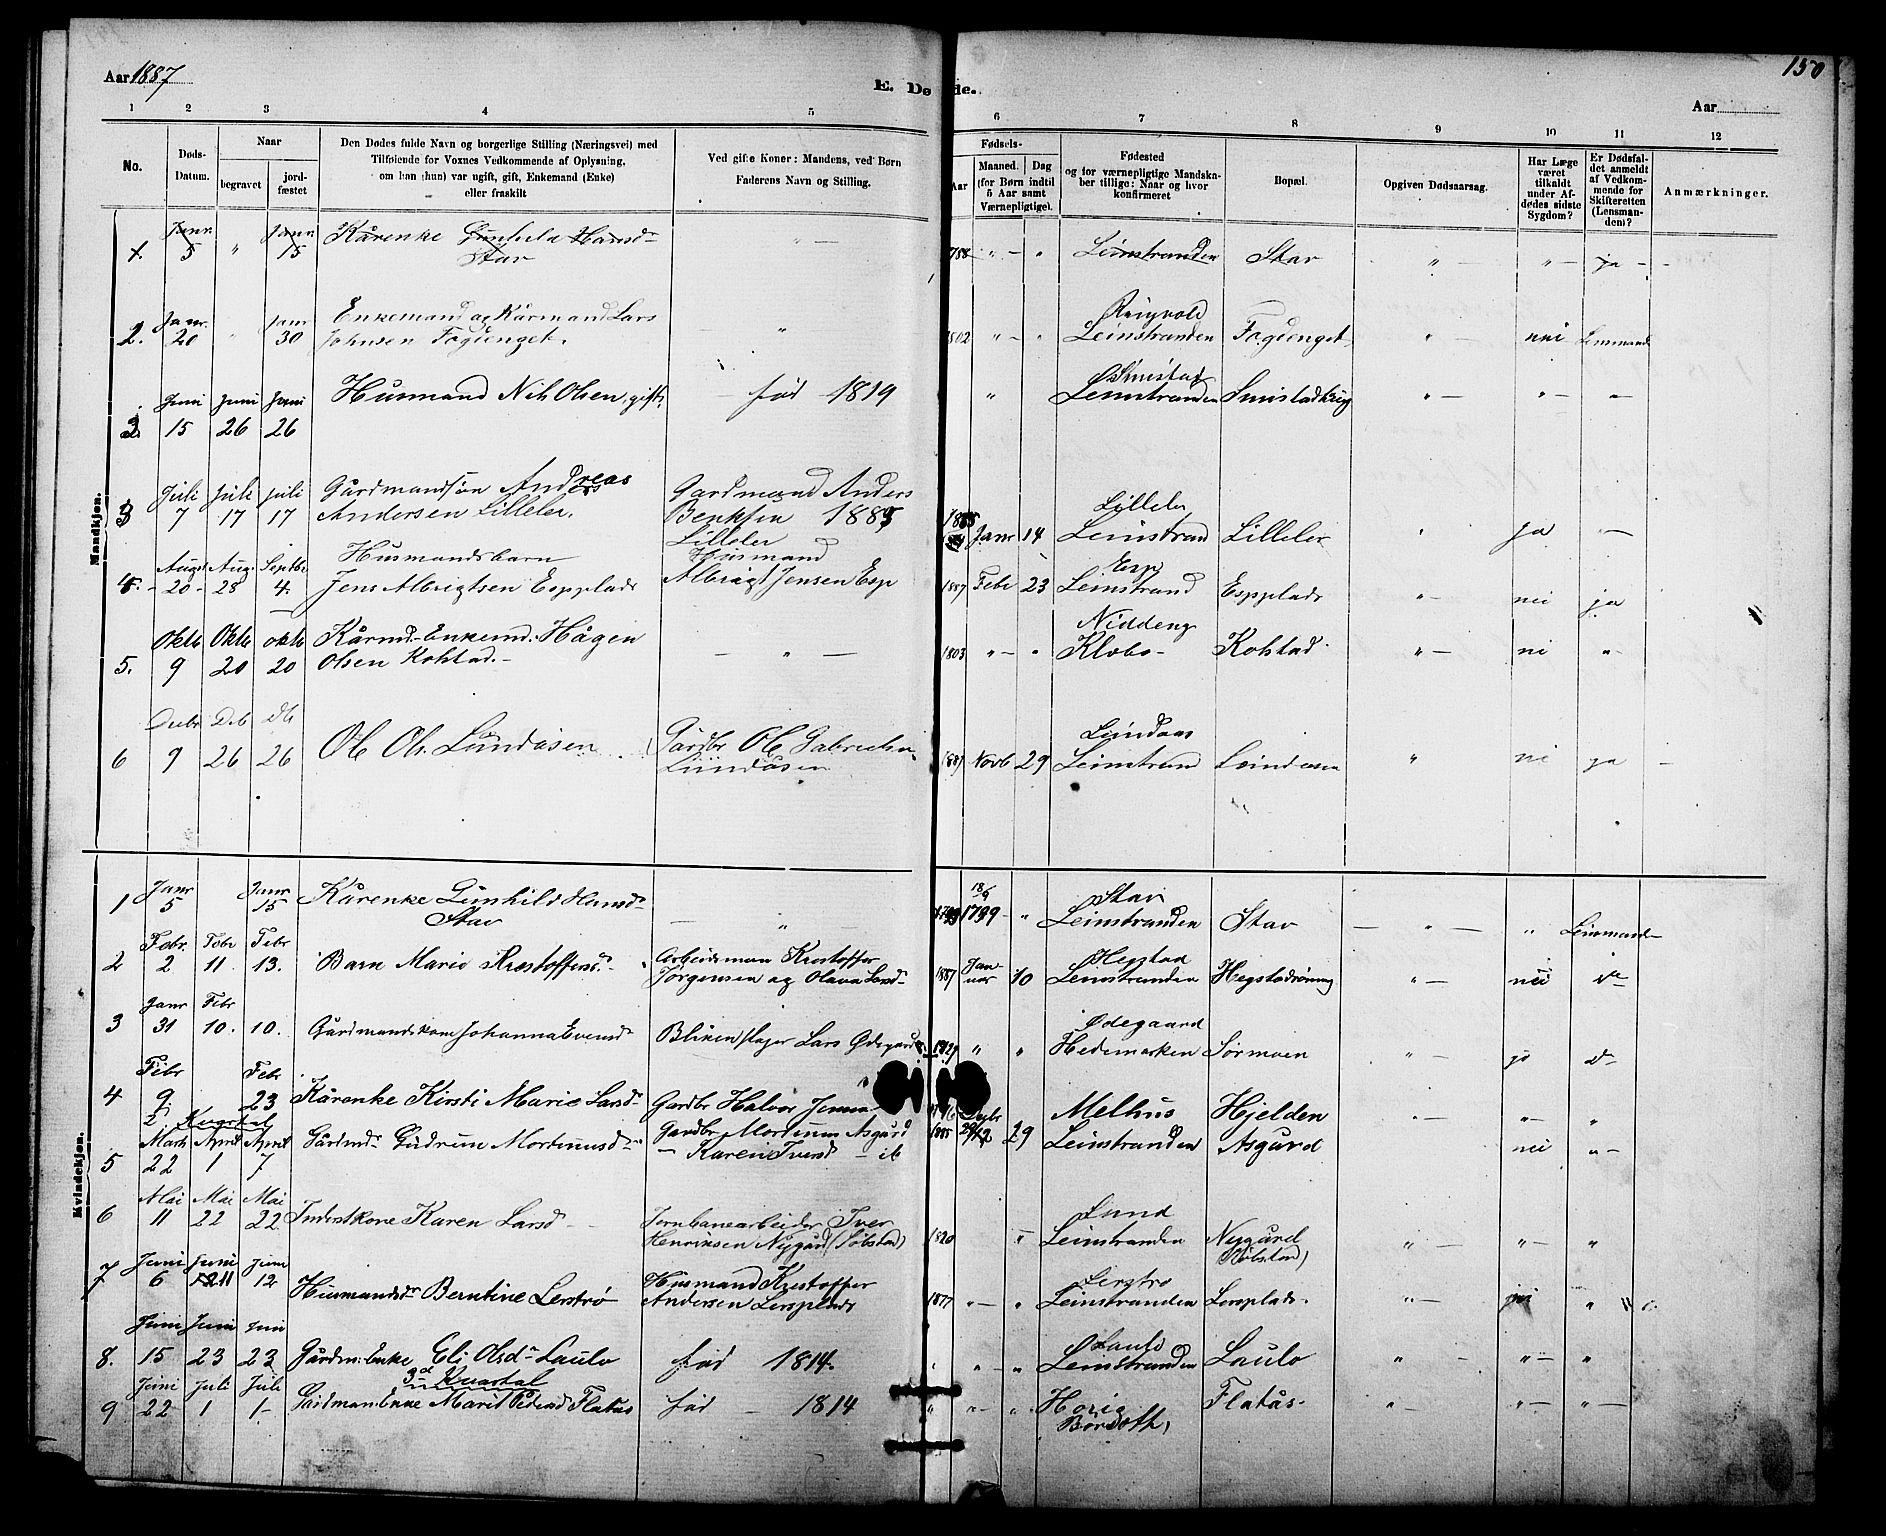 SAT, Ministerialprotokoller, klokkerbøker og fødselsregistre - Sør-Trøndelag, 613/L0395: Klokkerbok nr. 613C03, 1887-1909, s. 150